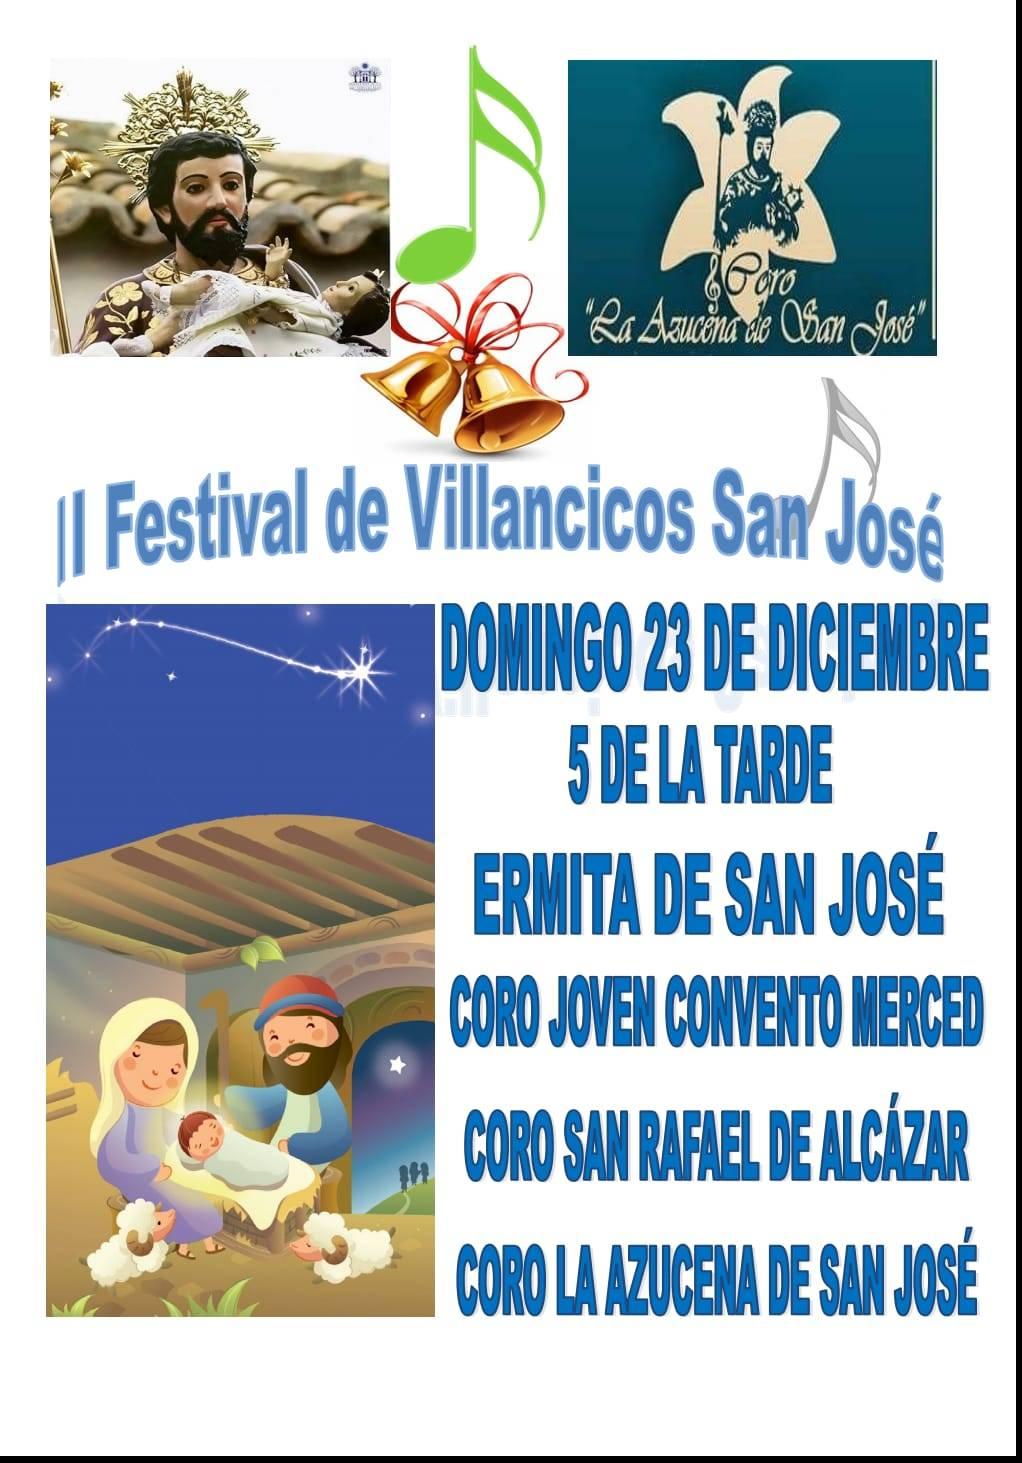 II Festival de Villancicos de San José - Segundo Festival de Villancicos San José